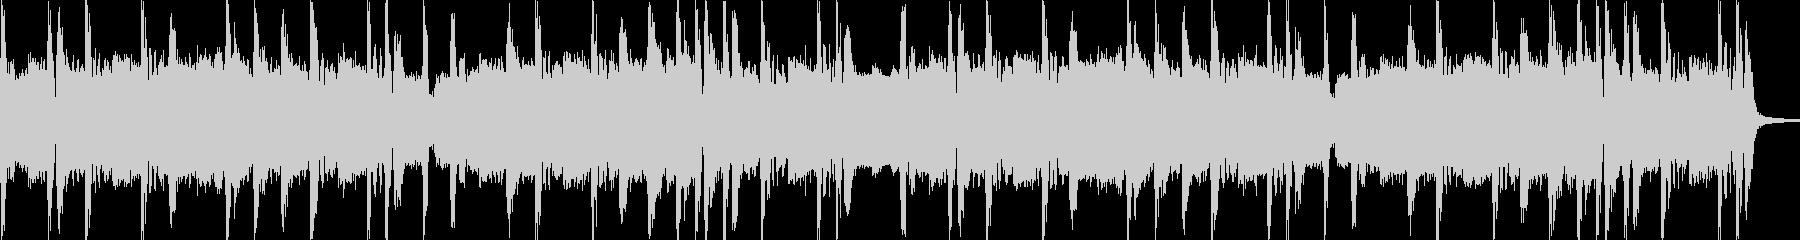 ノリノリなヒップホップビート8小節の未再生の波形